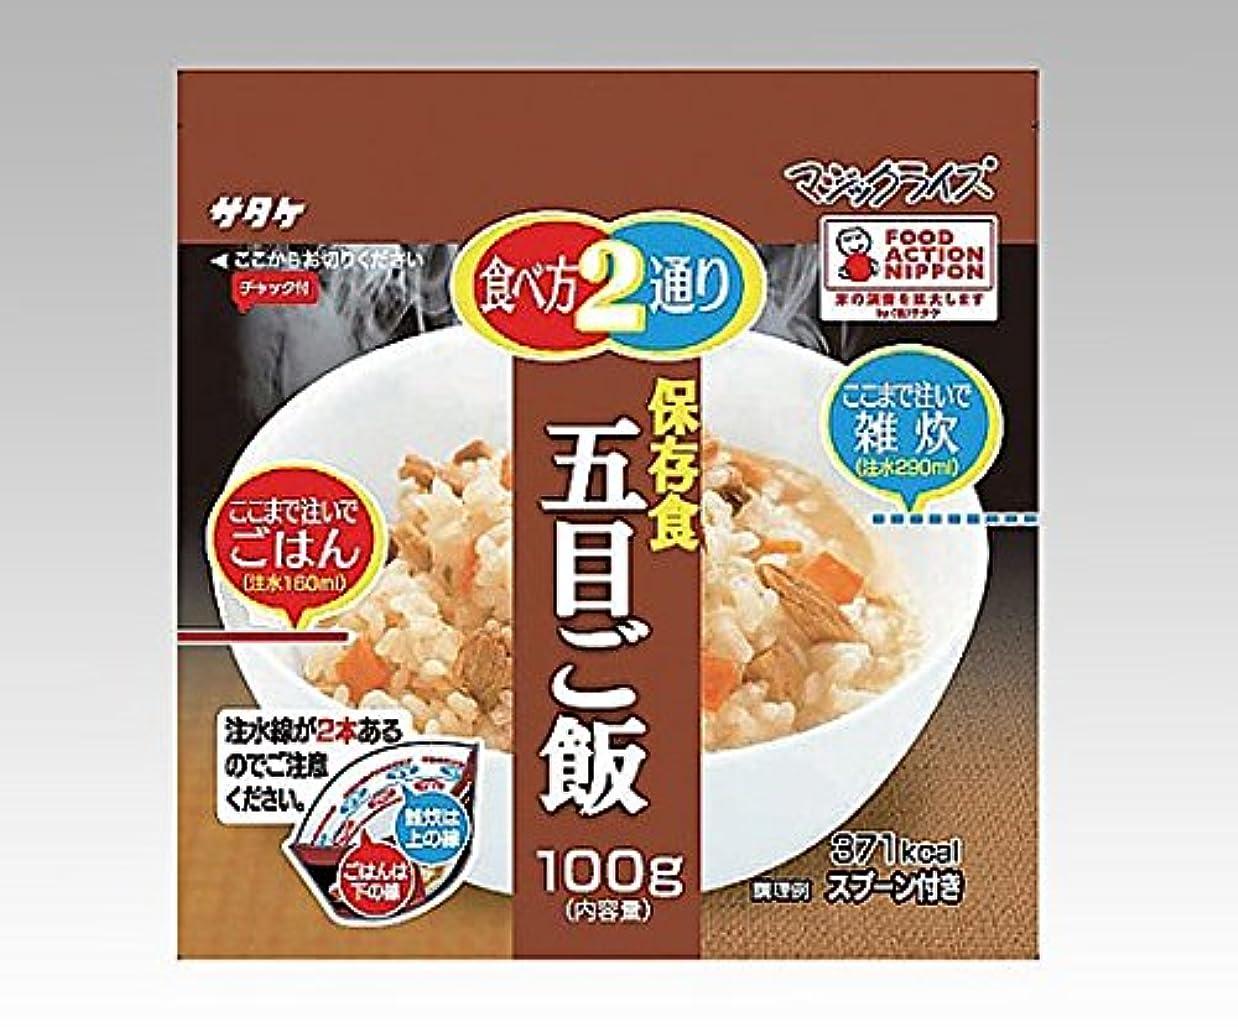 アルコール辞任添加剤8-2802-03非常用食品(五目ご飯/50食分)